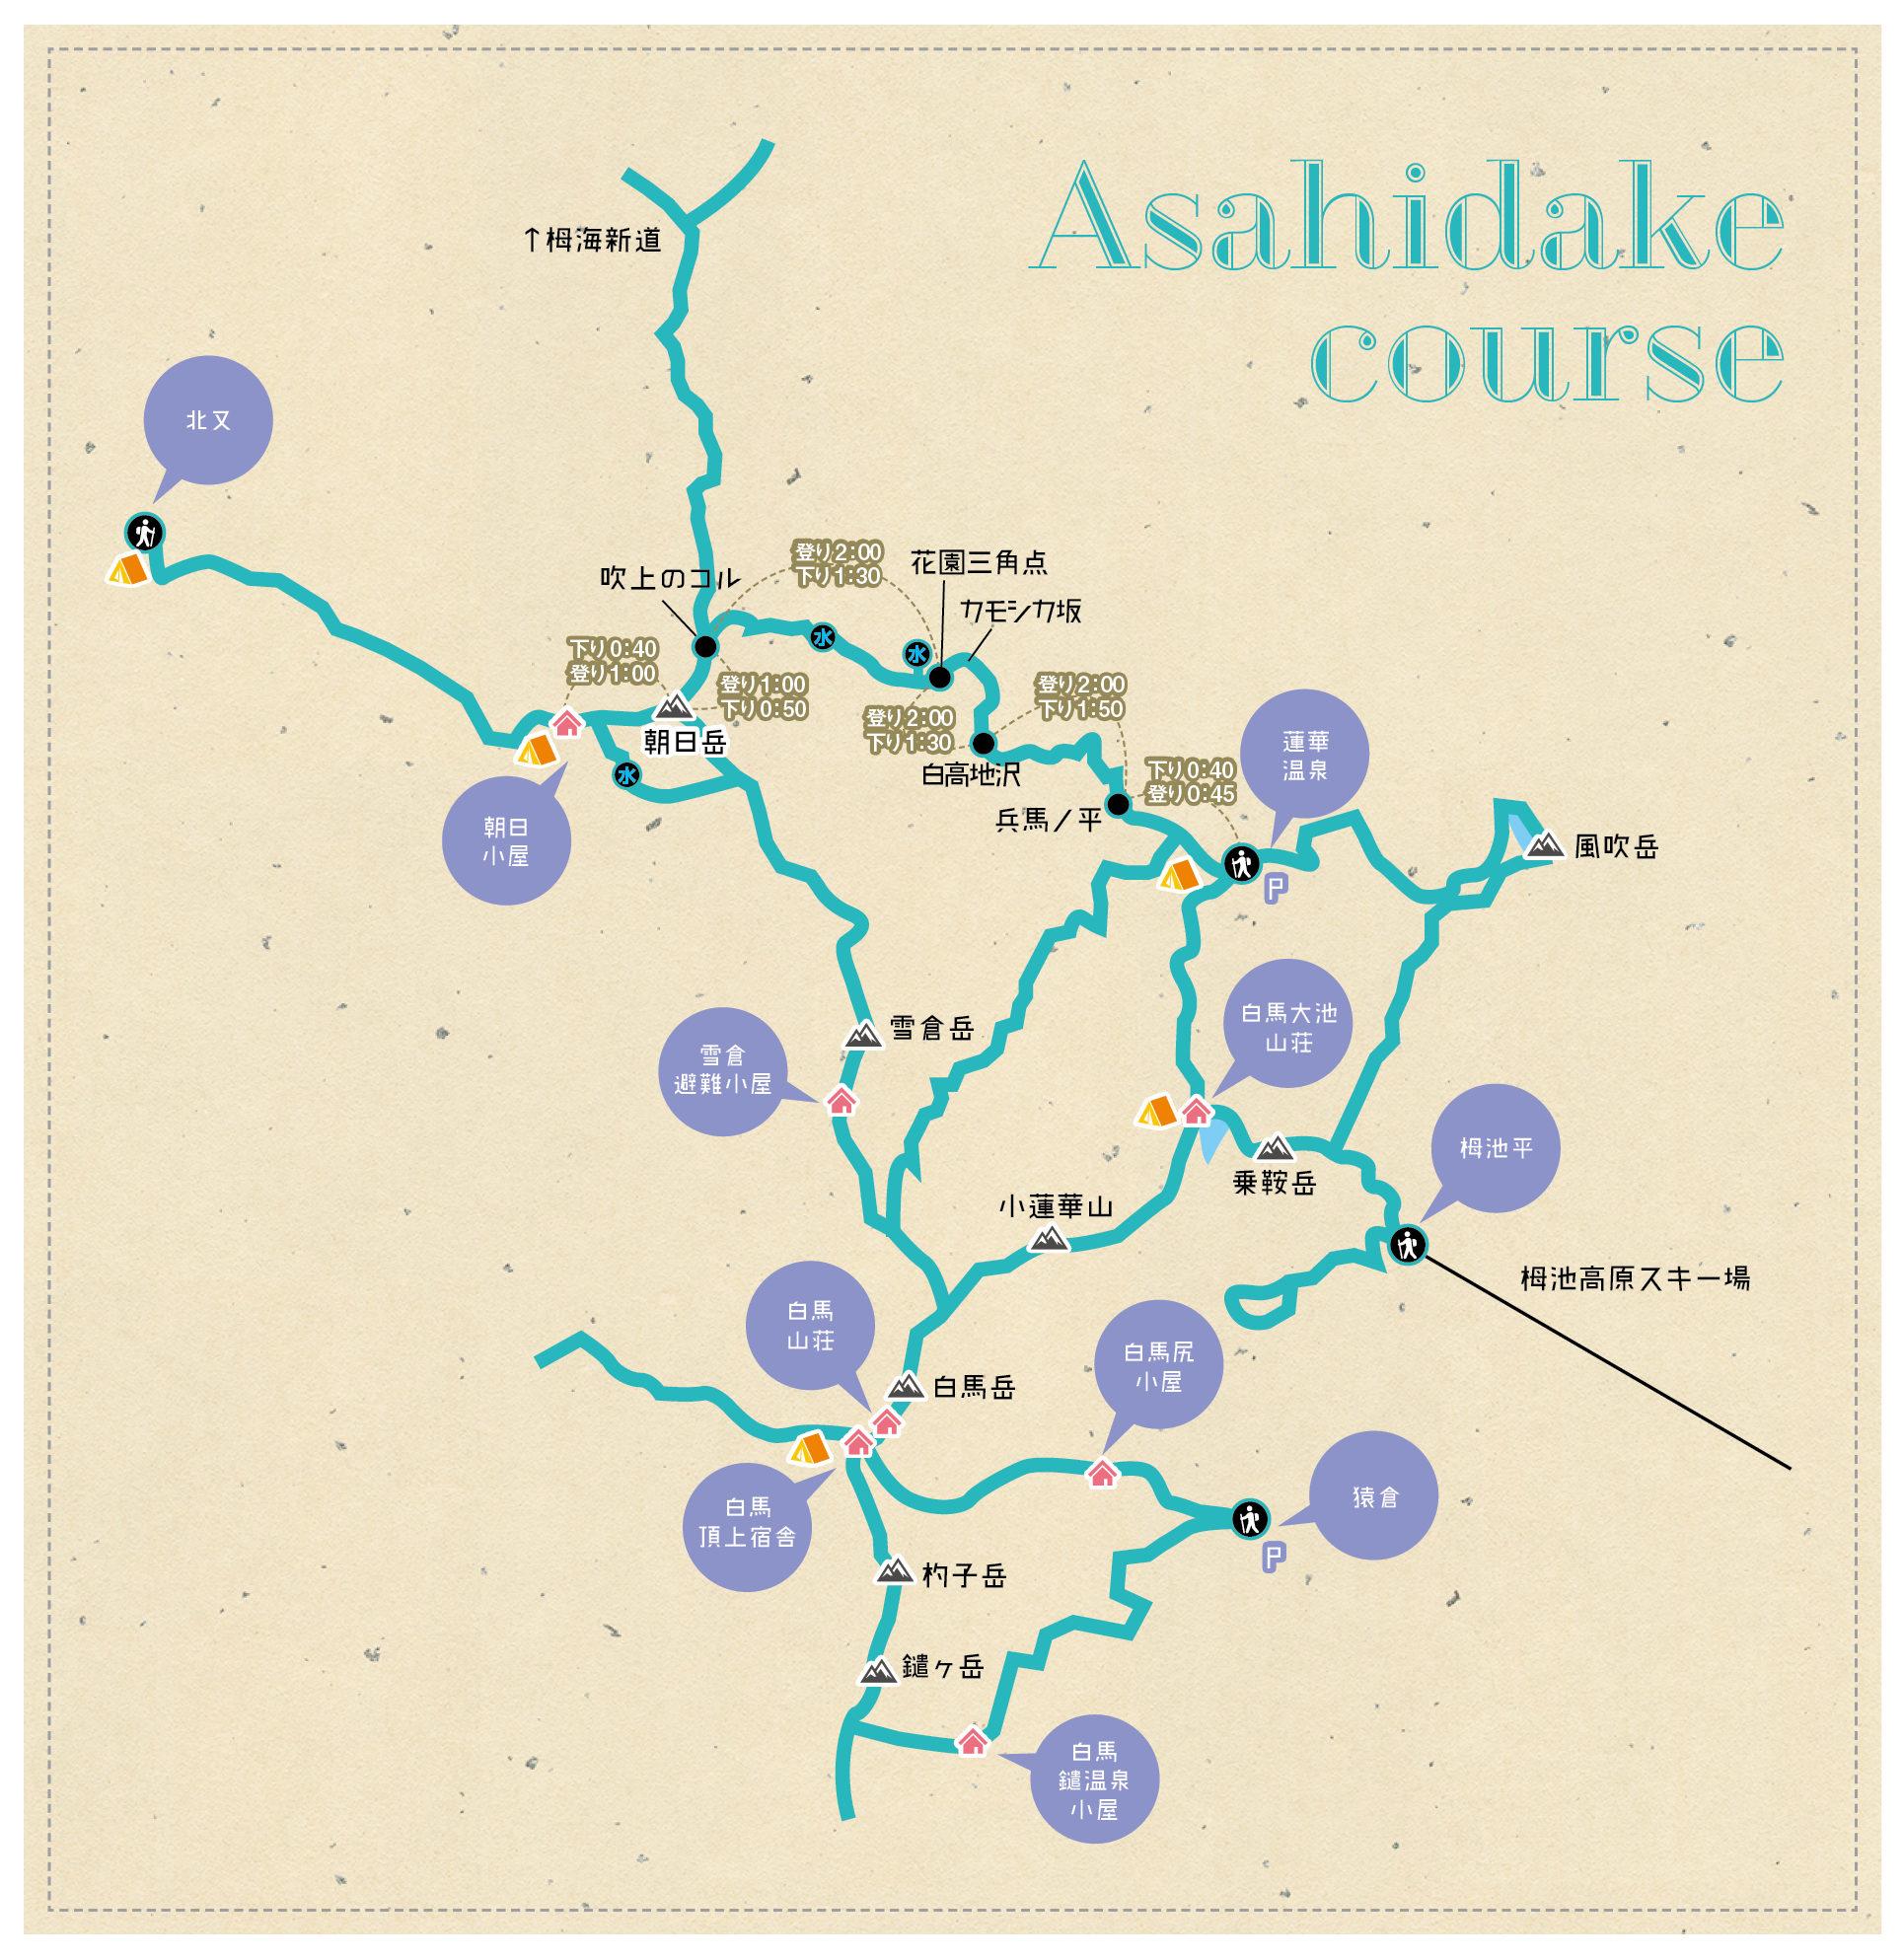 朝日岳コースmap→クリックして見てね♪